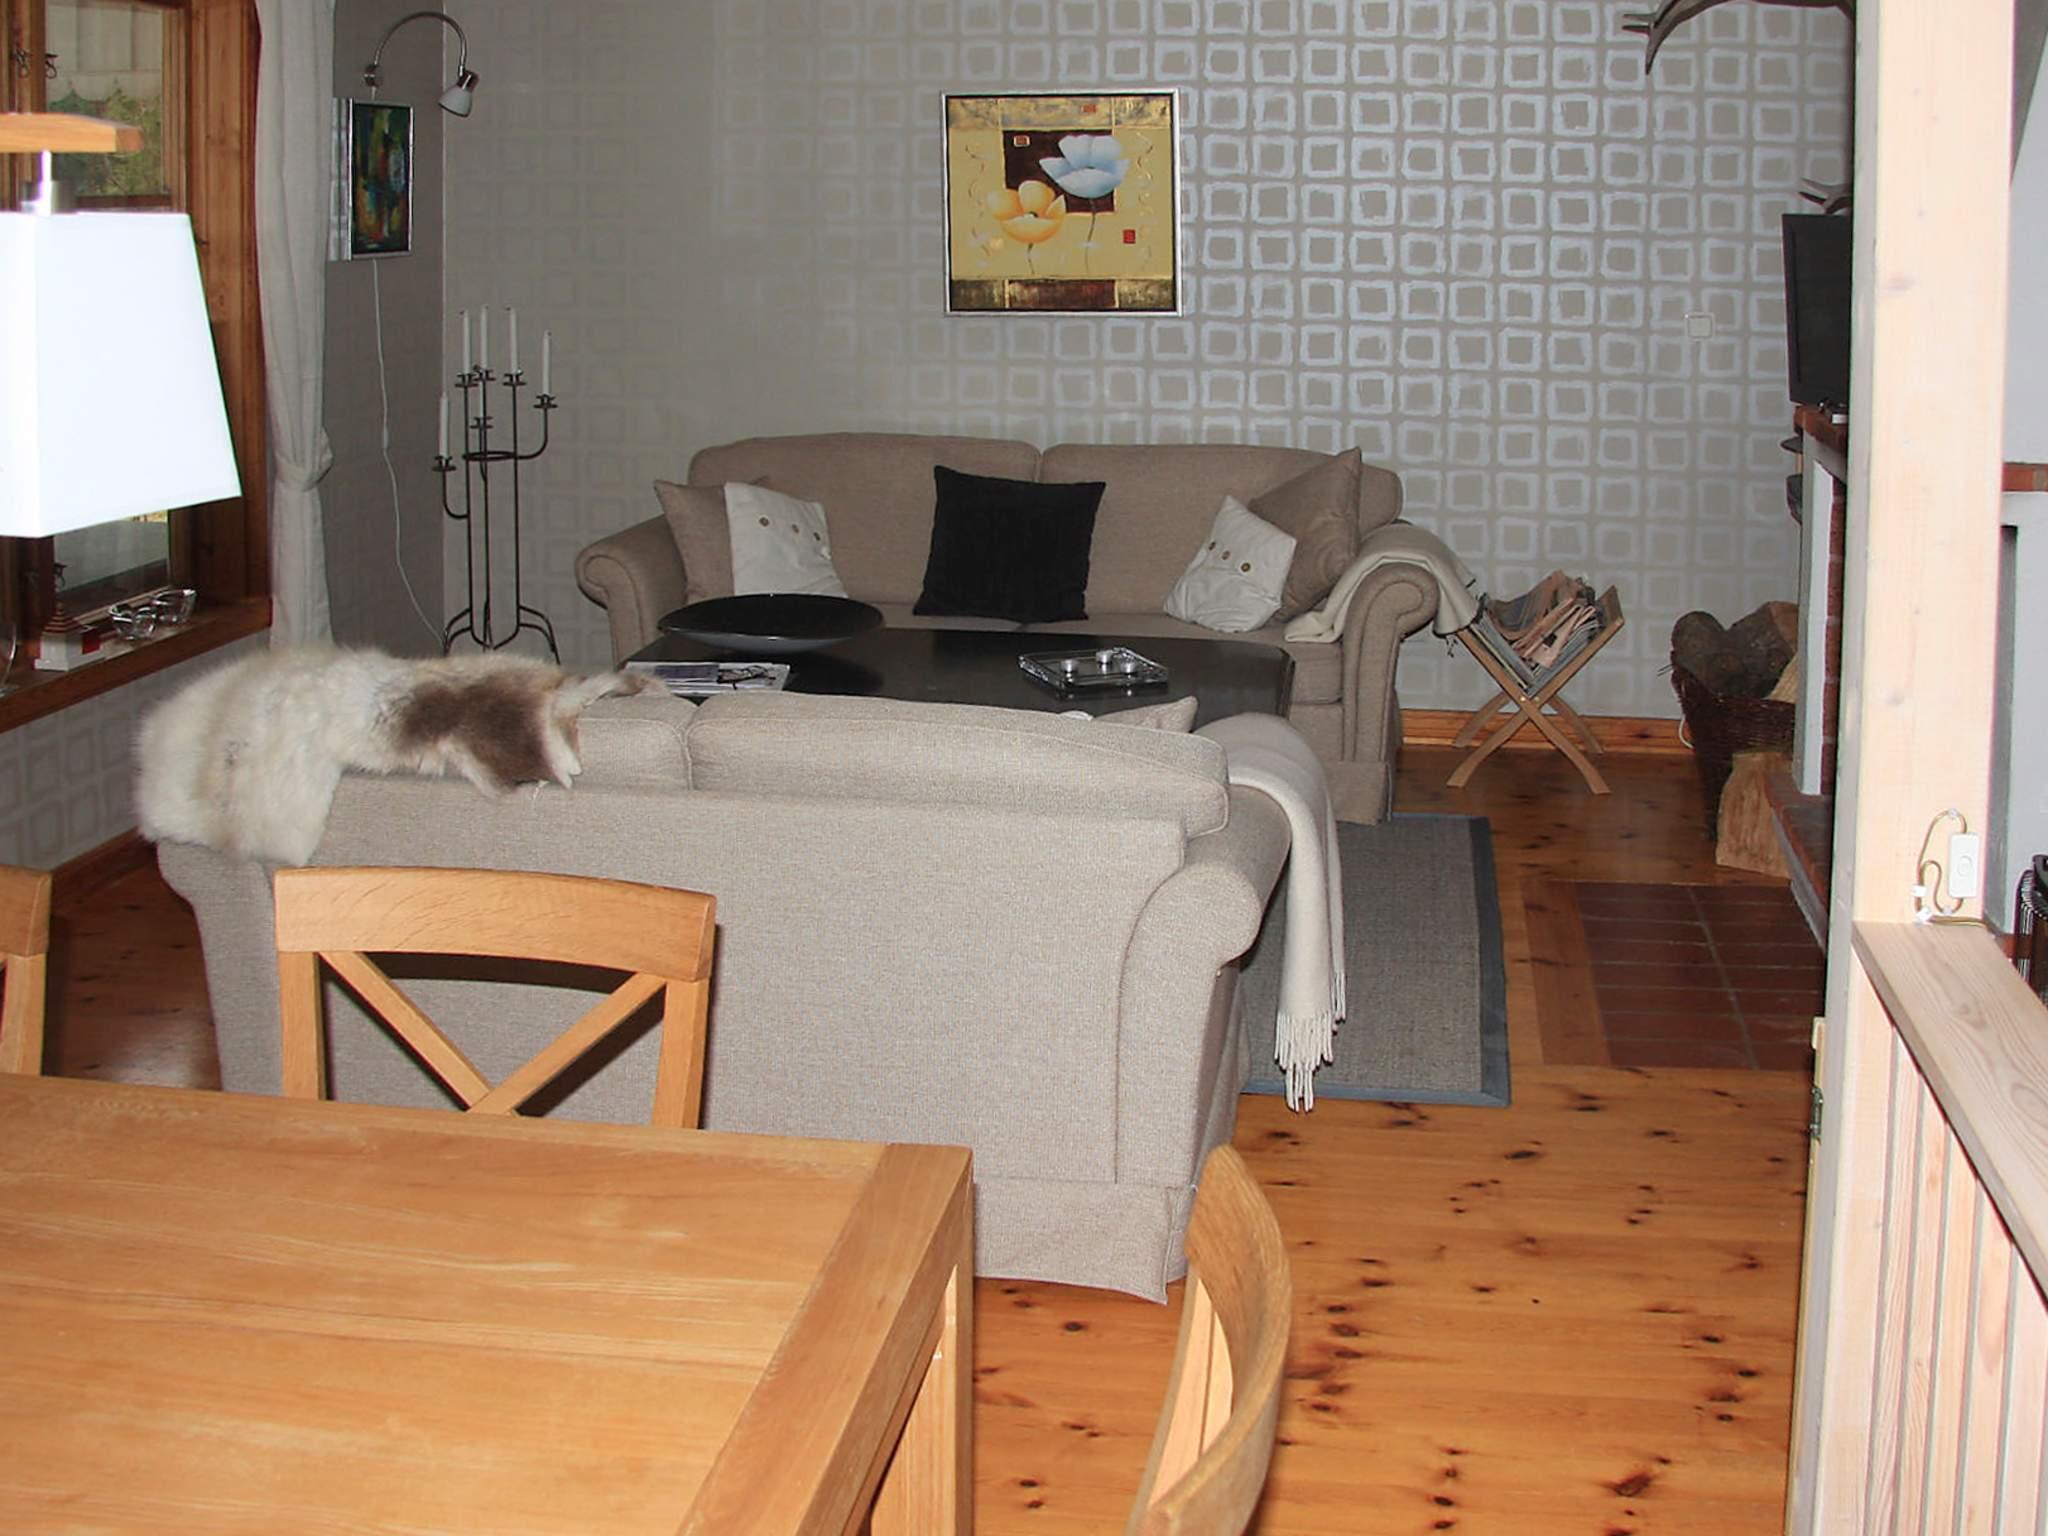 Ferienhaus Eksjö (642218), Hult, Jönköpings län, Südschweden, Schweden, Bild 2